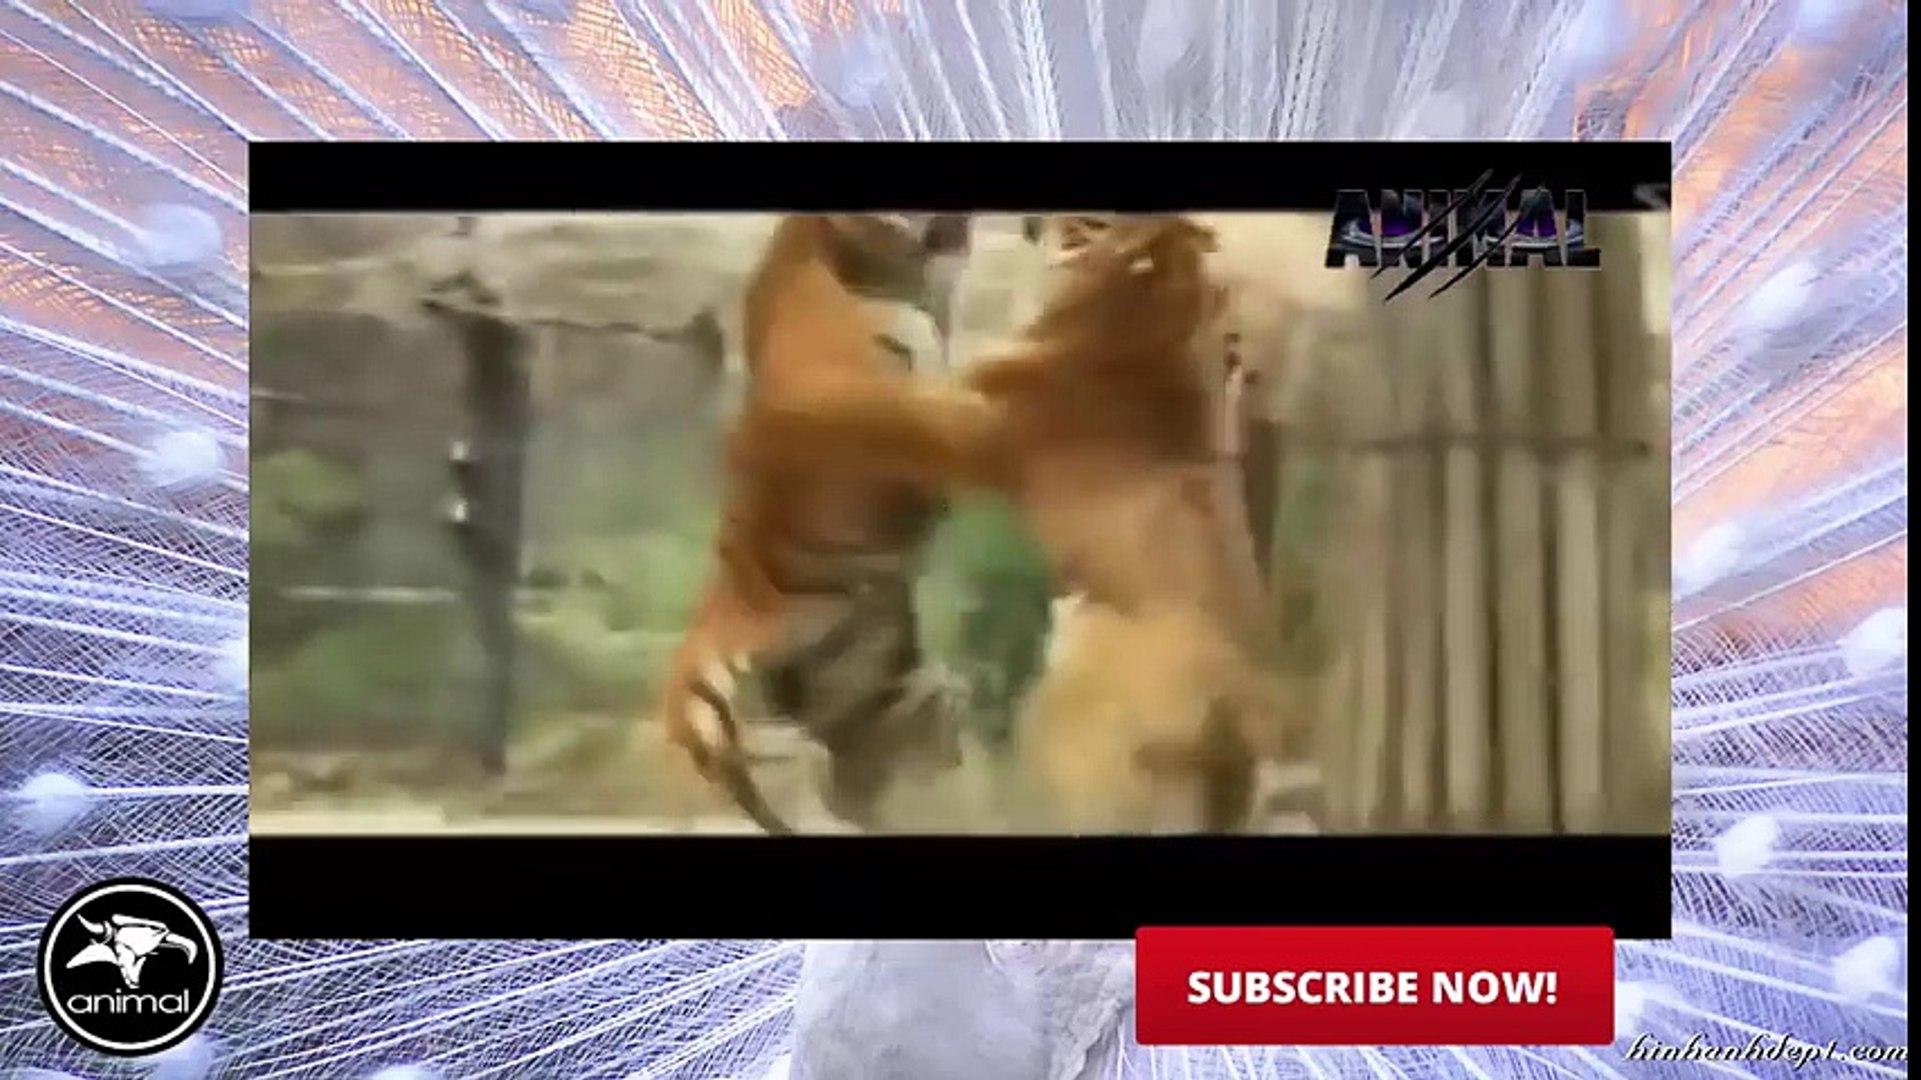 Tiger Attack Animal Planet   Tiger Attack on Animals   Tiger Attack Documentary 2016